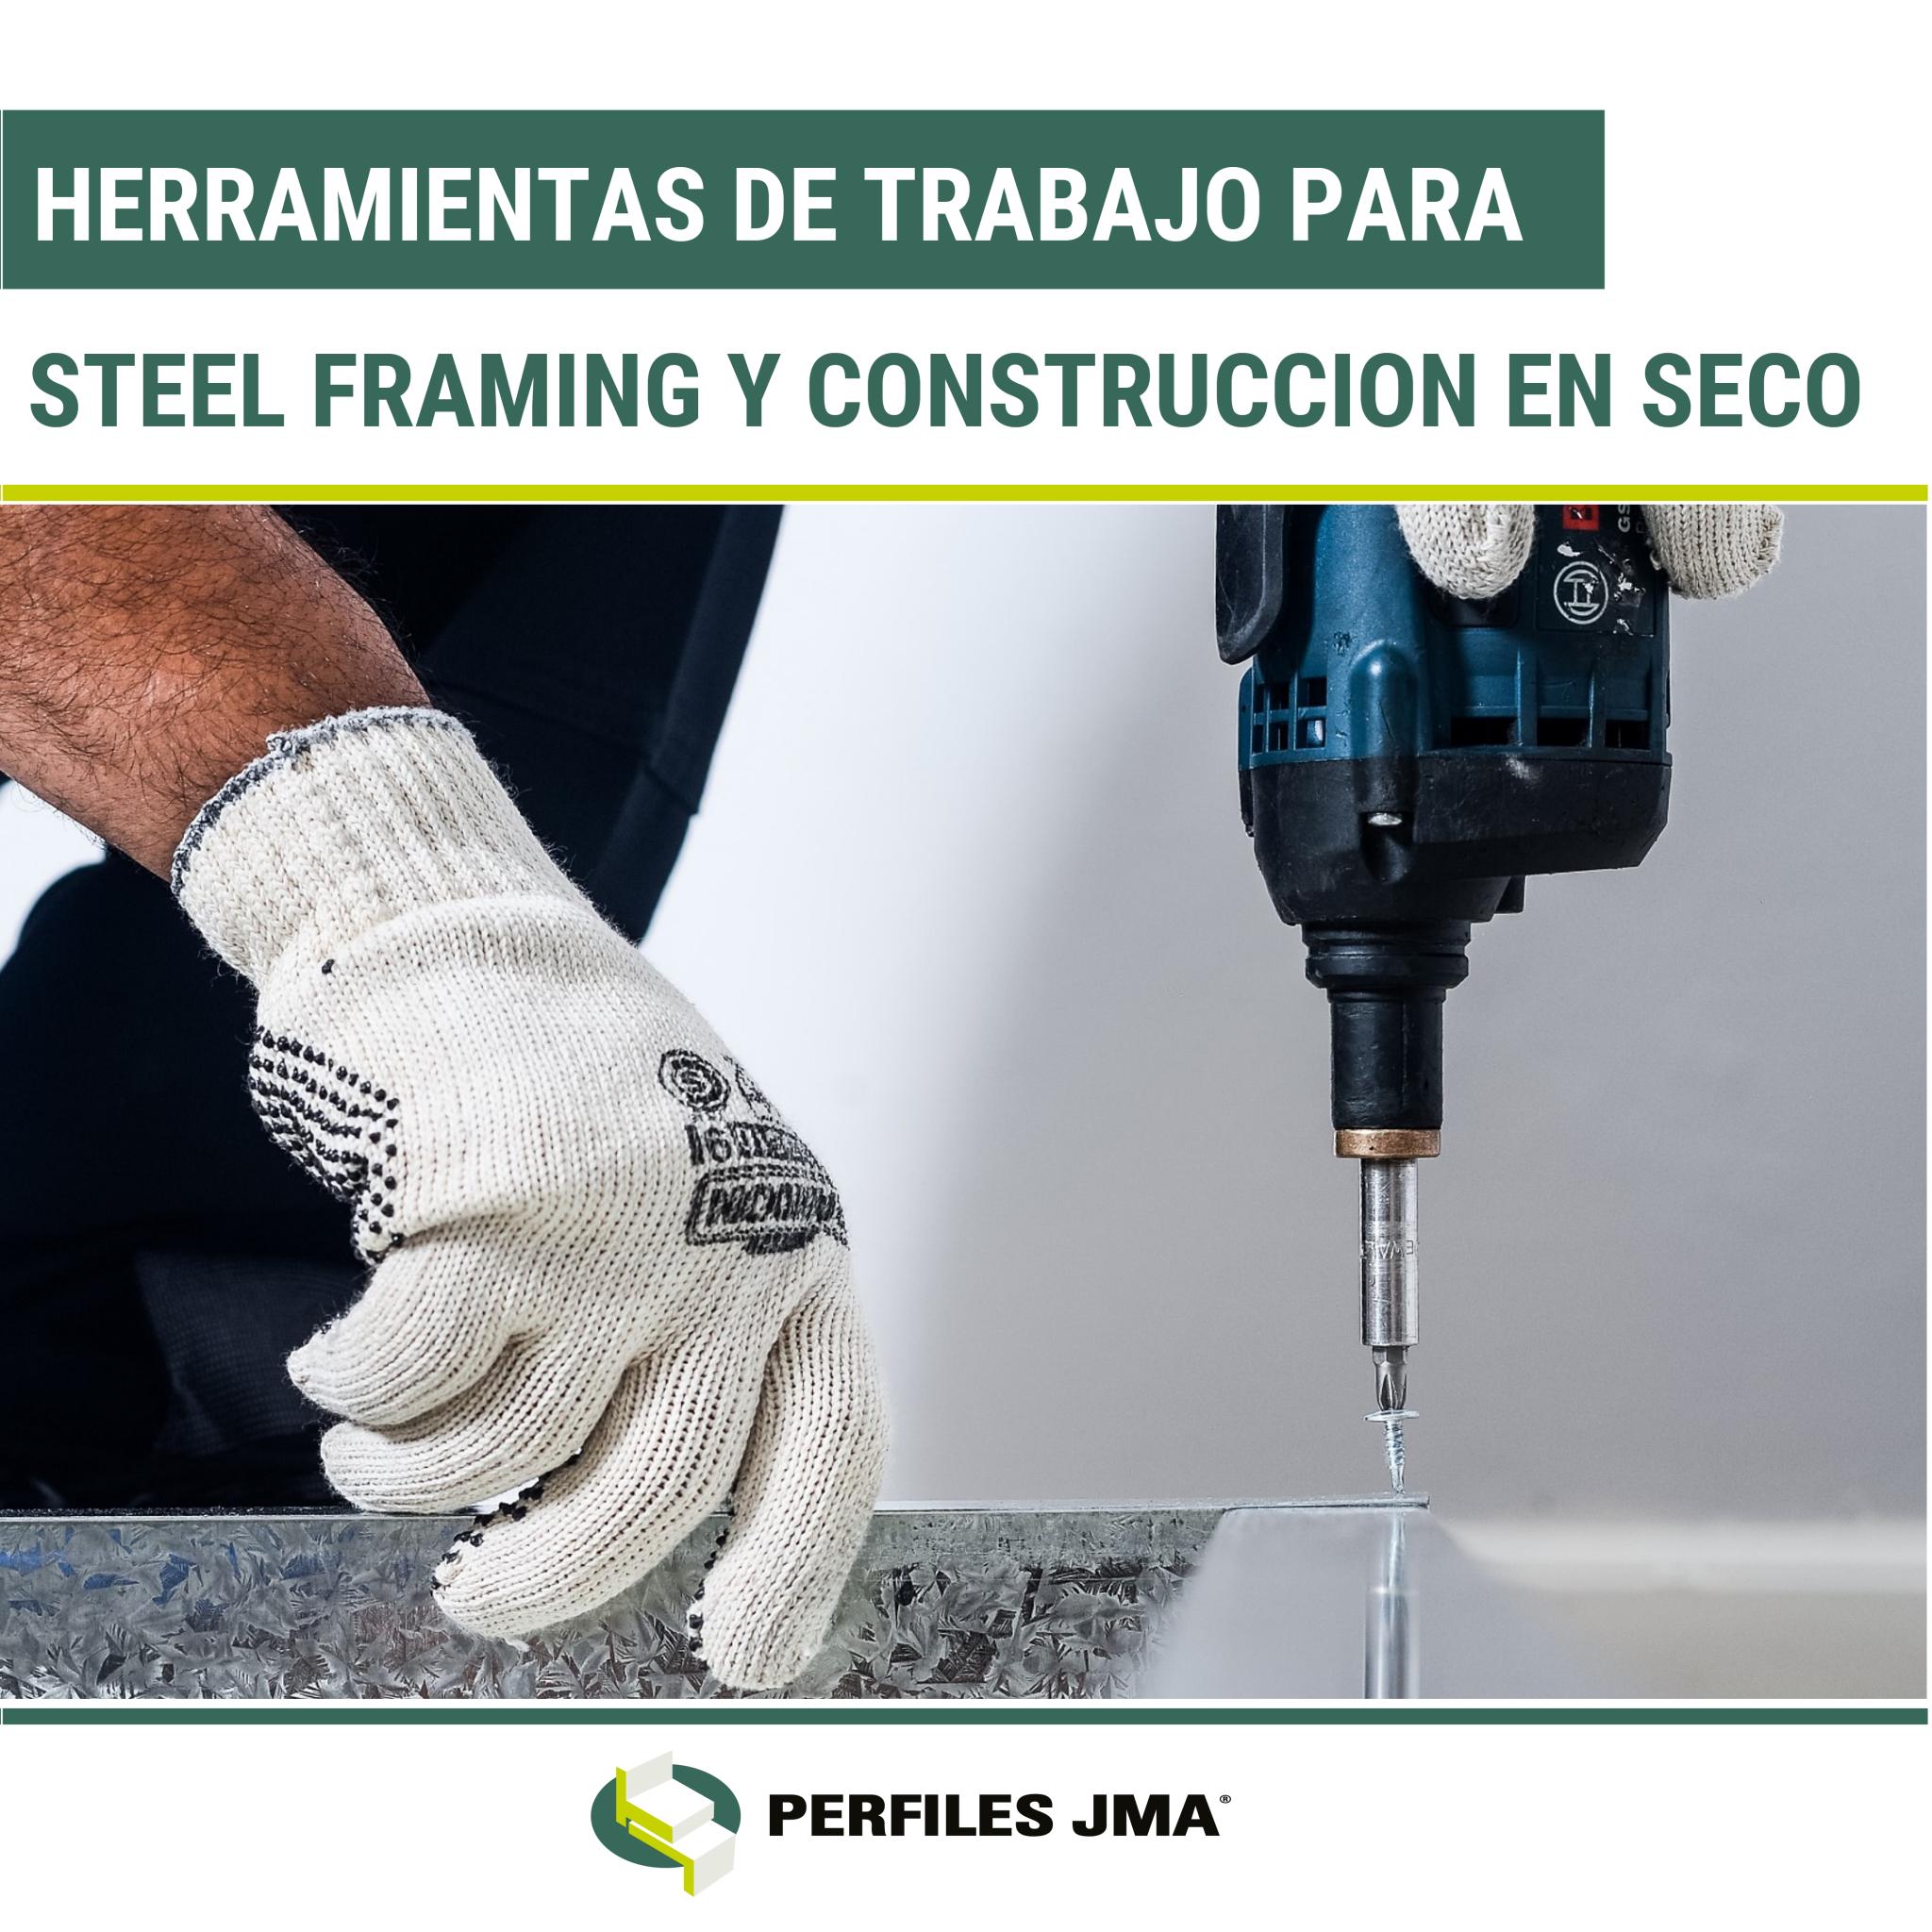 HERRAMIENTAS DE TRABAJO PARA STEEL FRAMING Y CONSTRUCCION EN SECO.